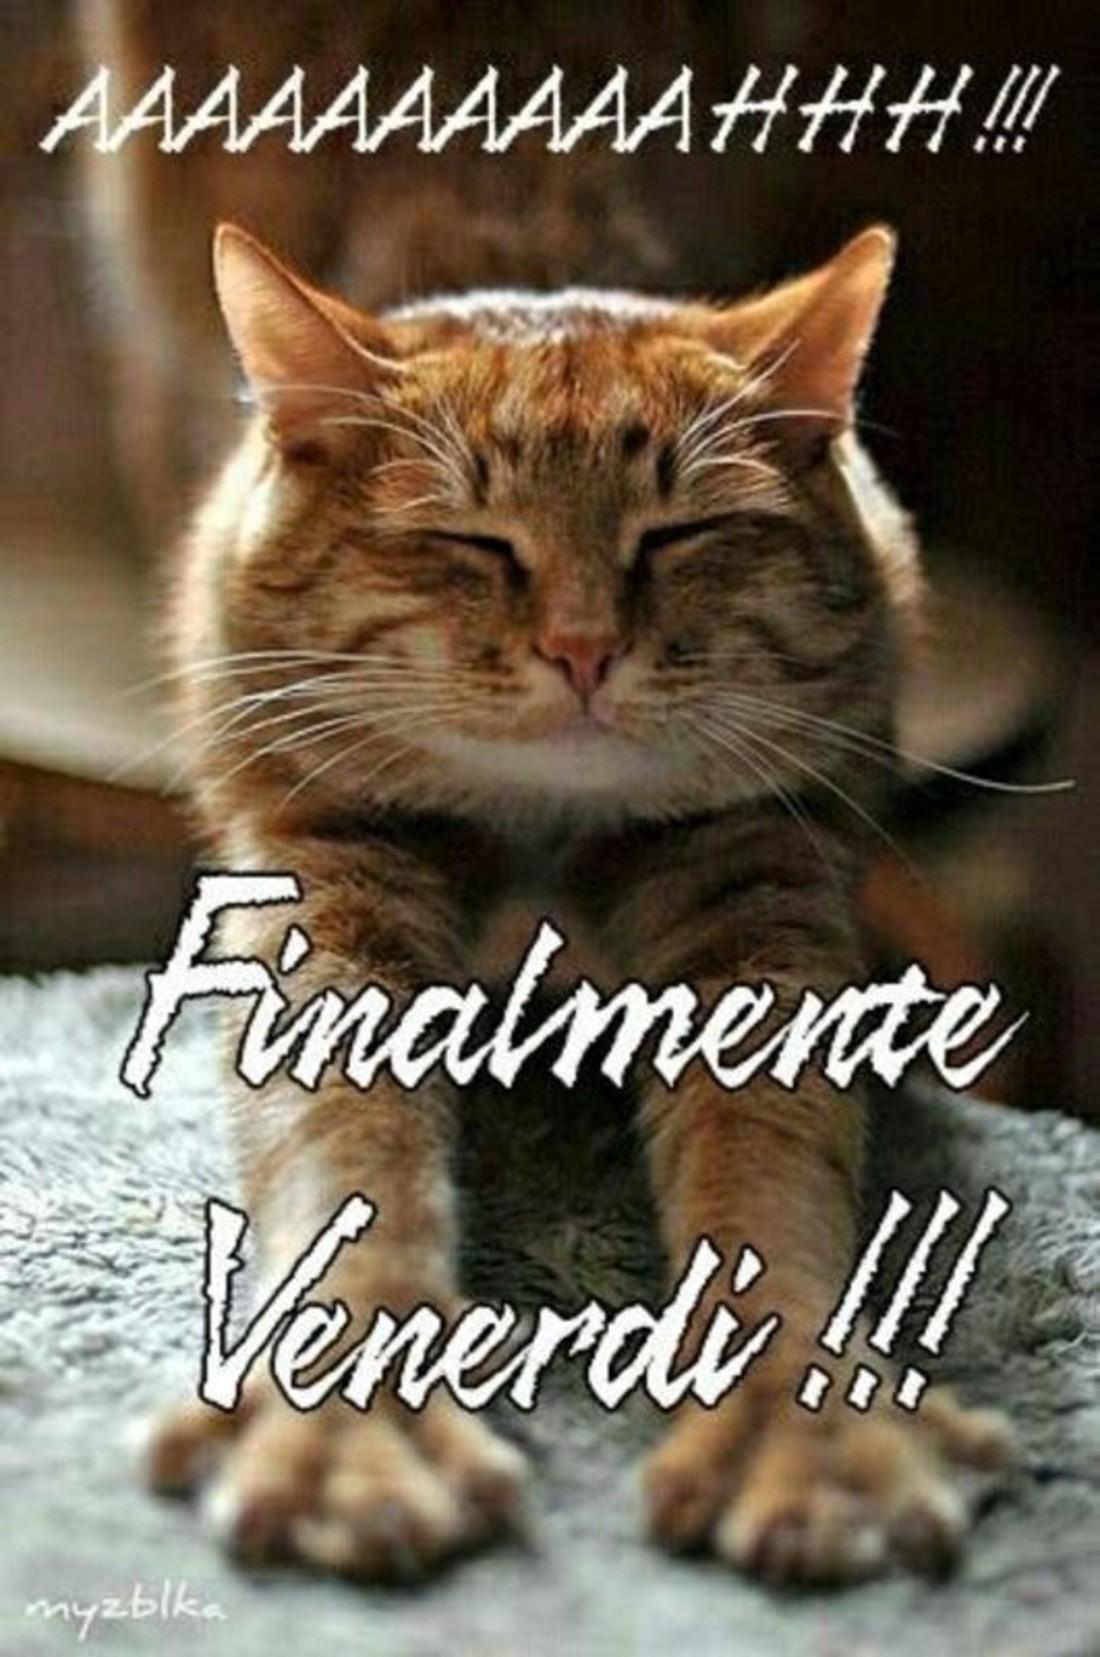 Immagini buon venerdi gattini for Immagini divertenti buongiorno venerdi